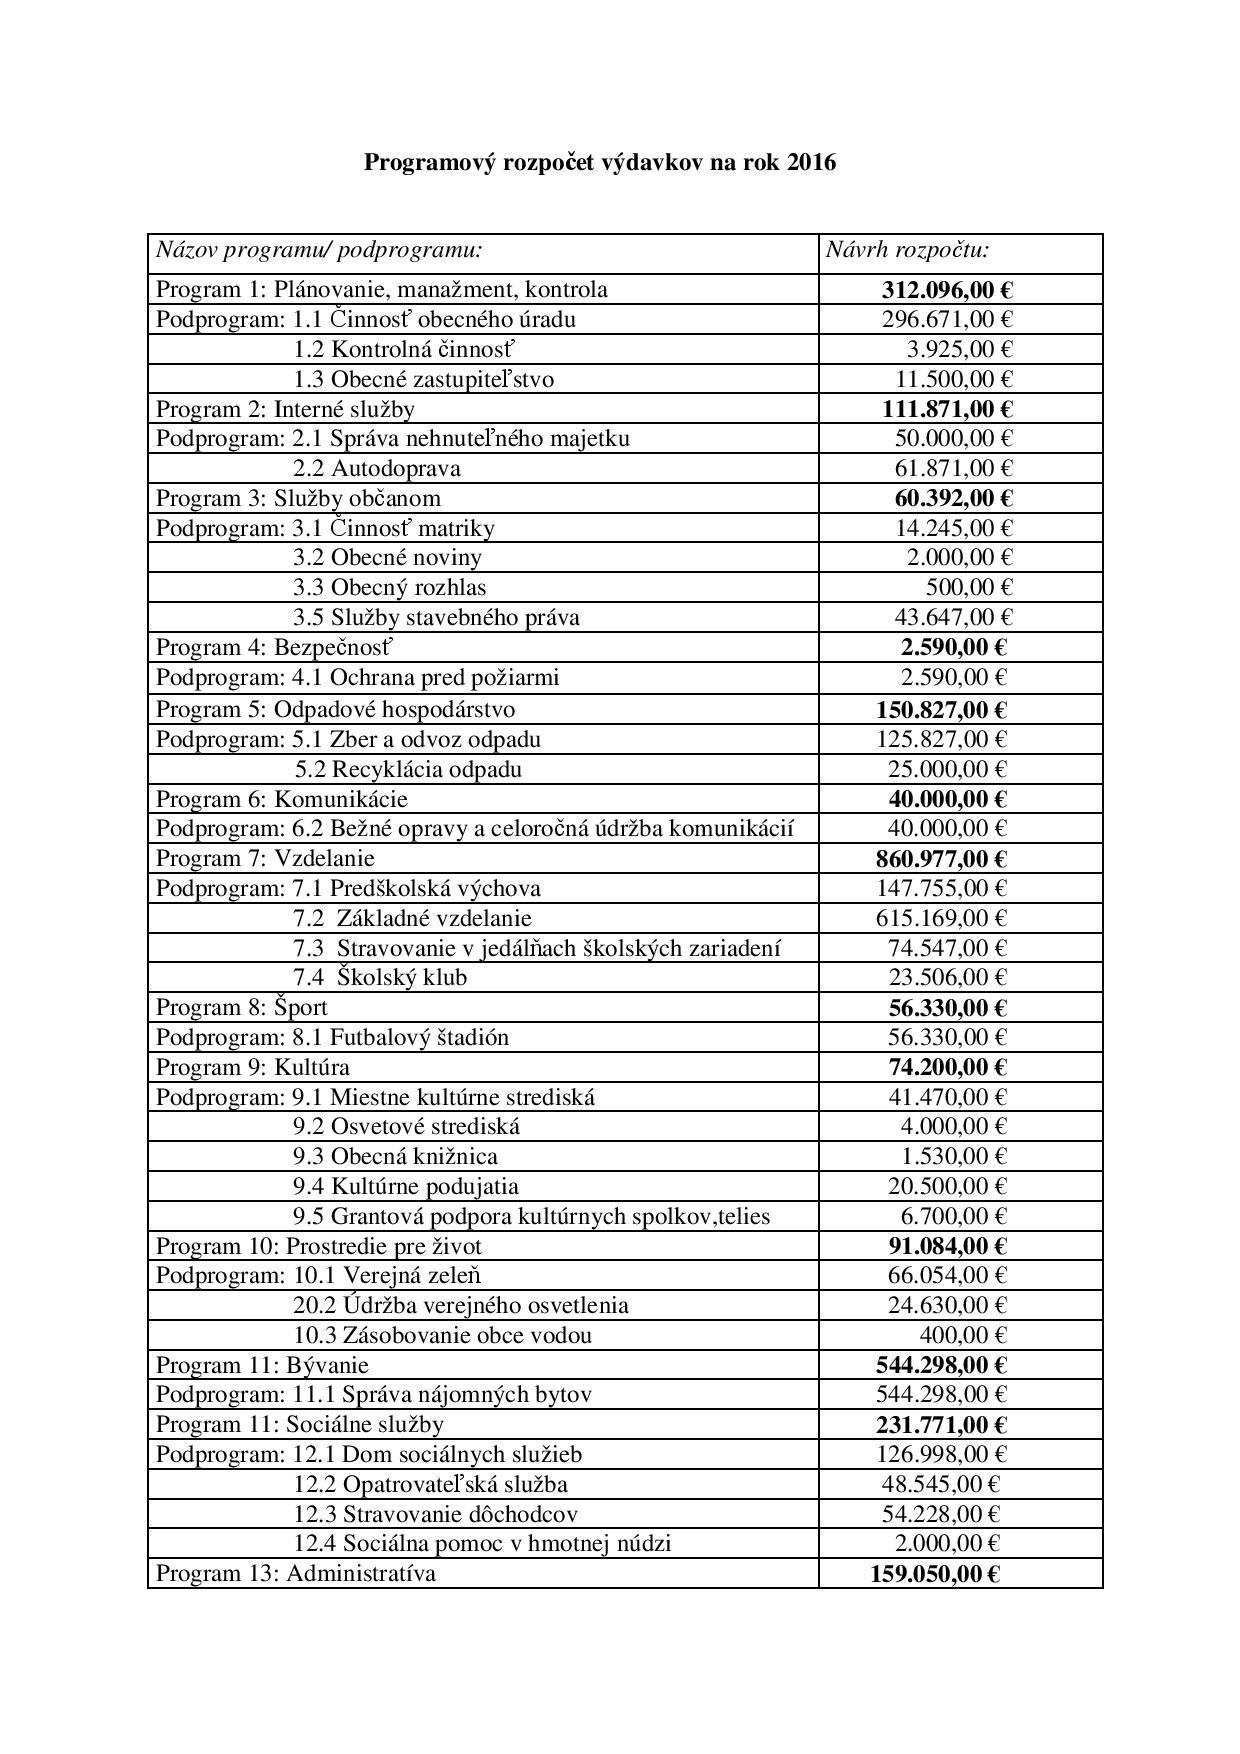 20160310 Programový rozpočet výdavkov na rok 2016-page-001